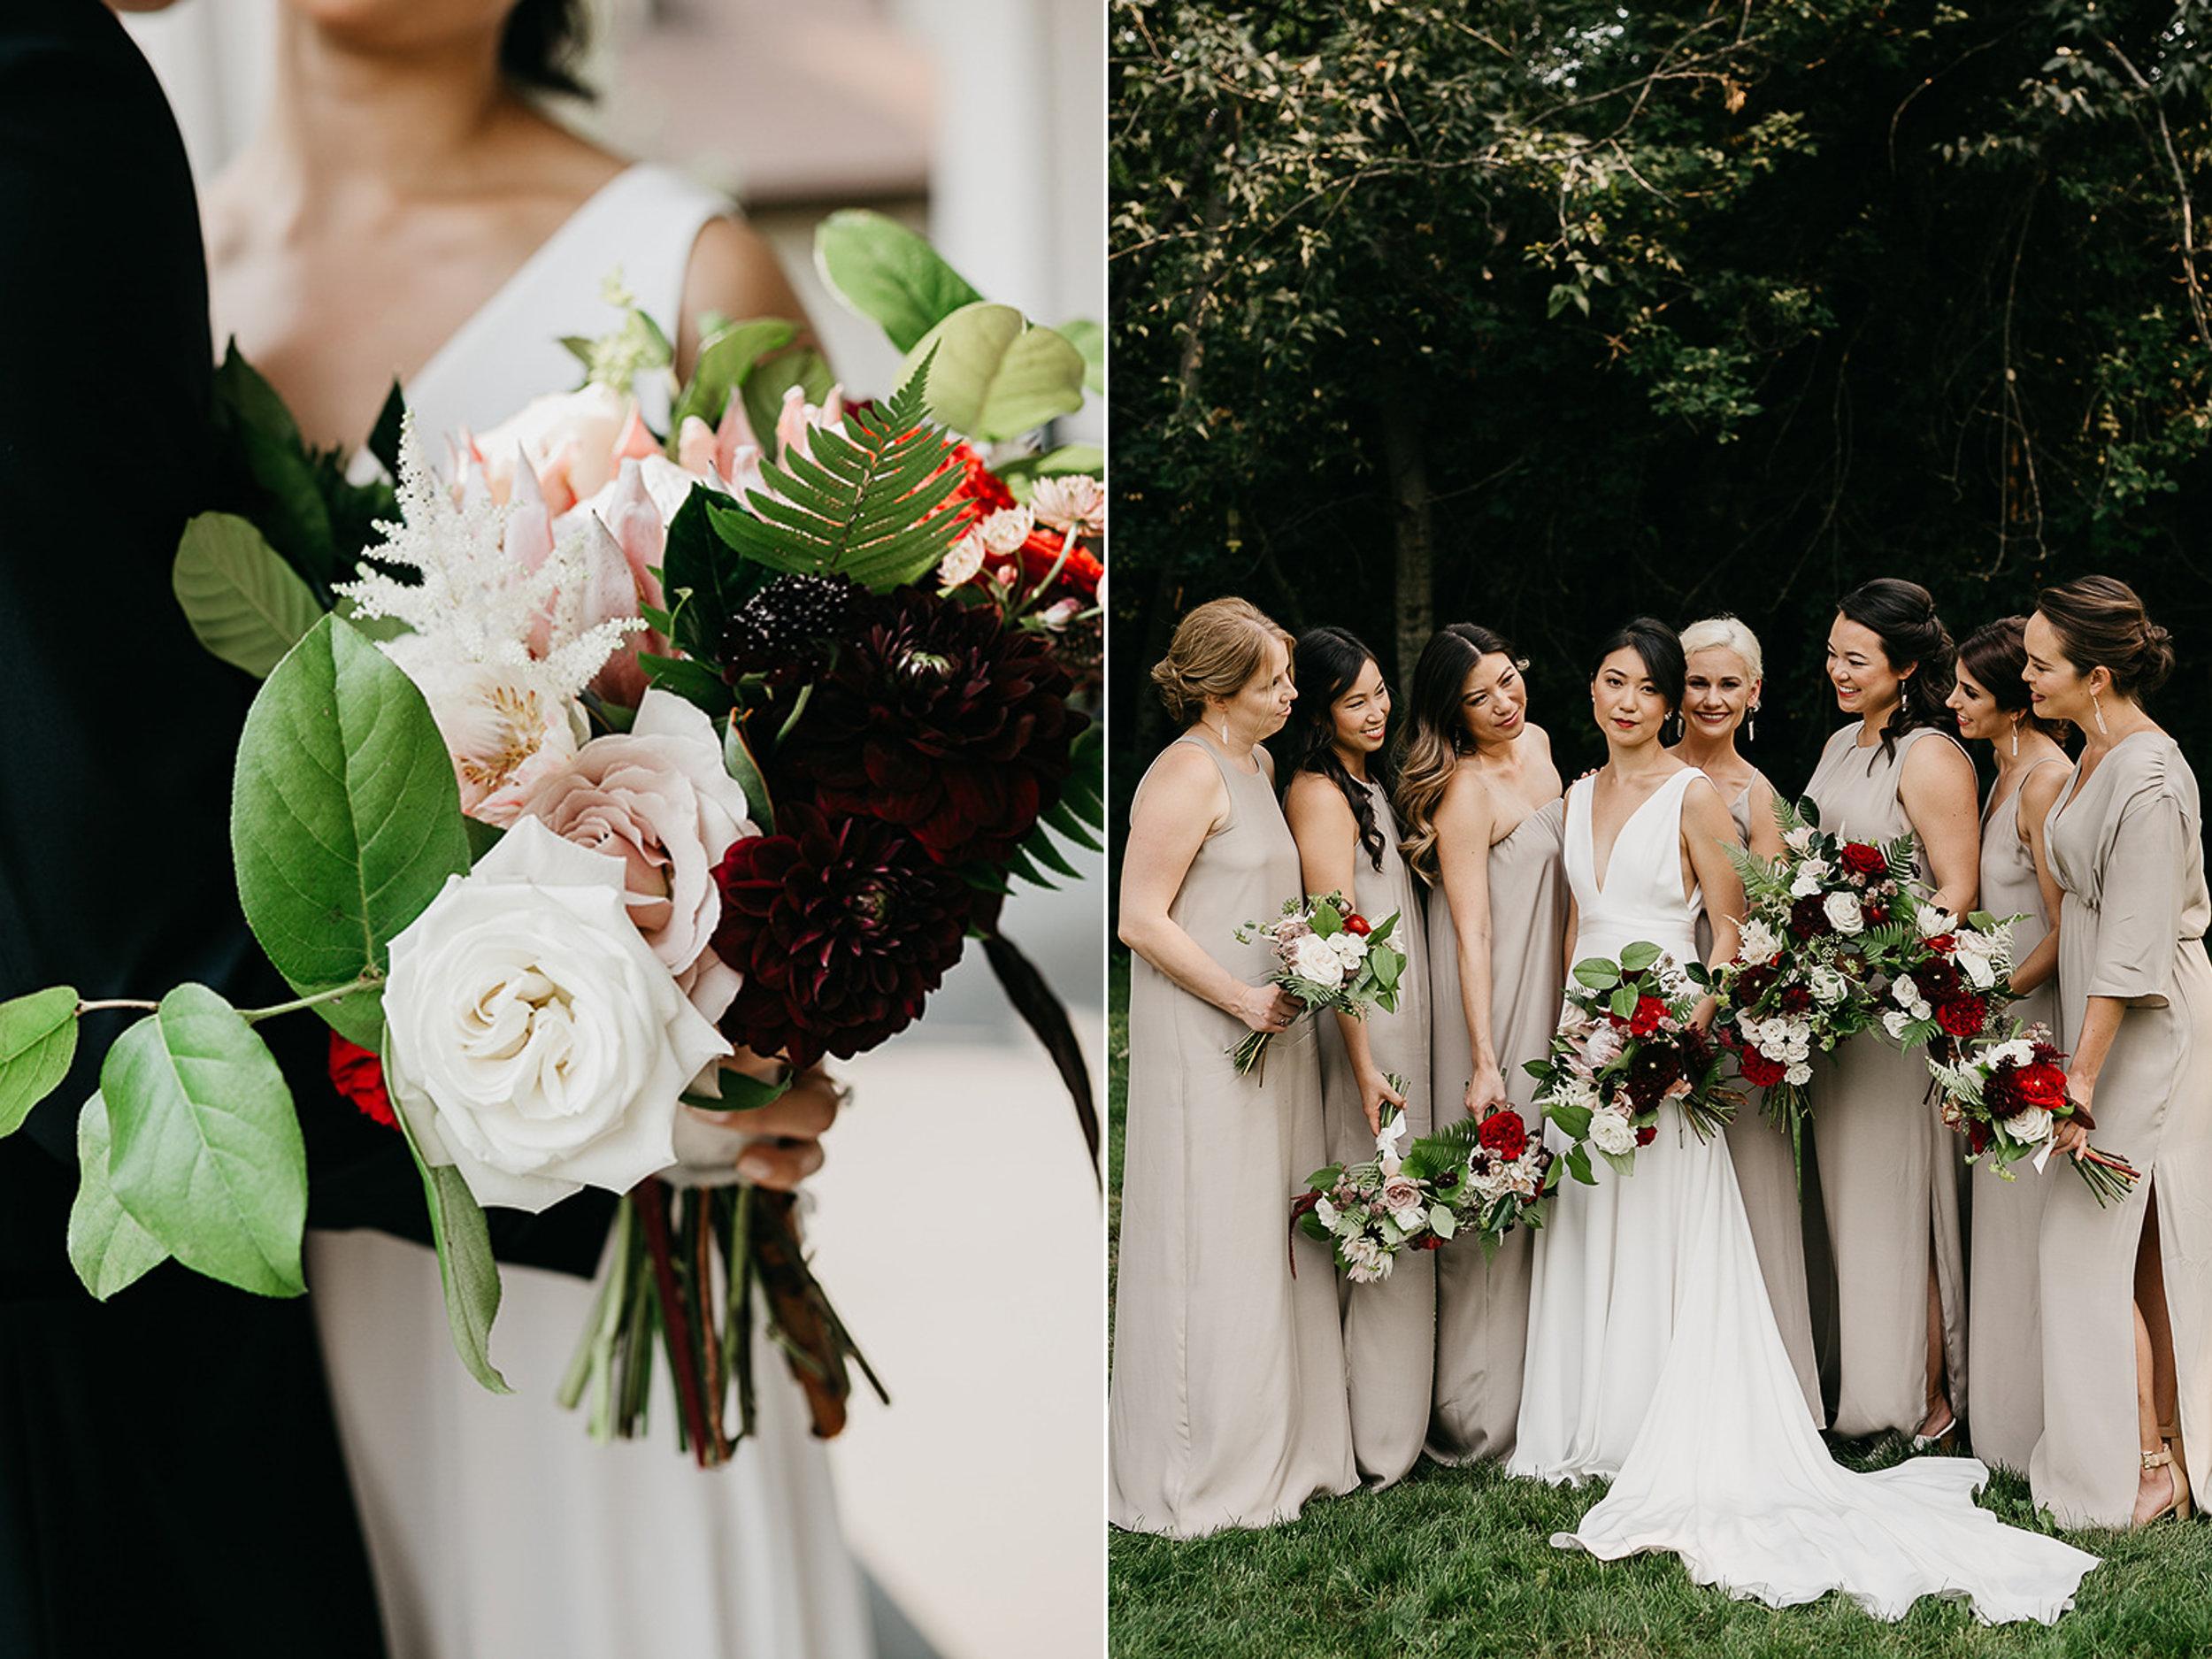 Walla walla - washington - wedding - photographer017.jpg